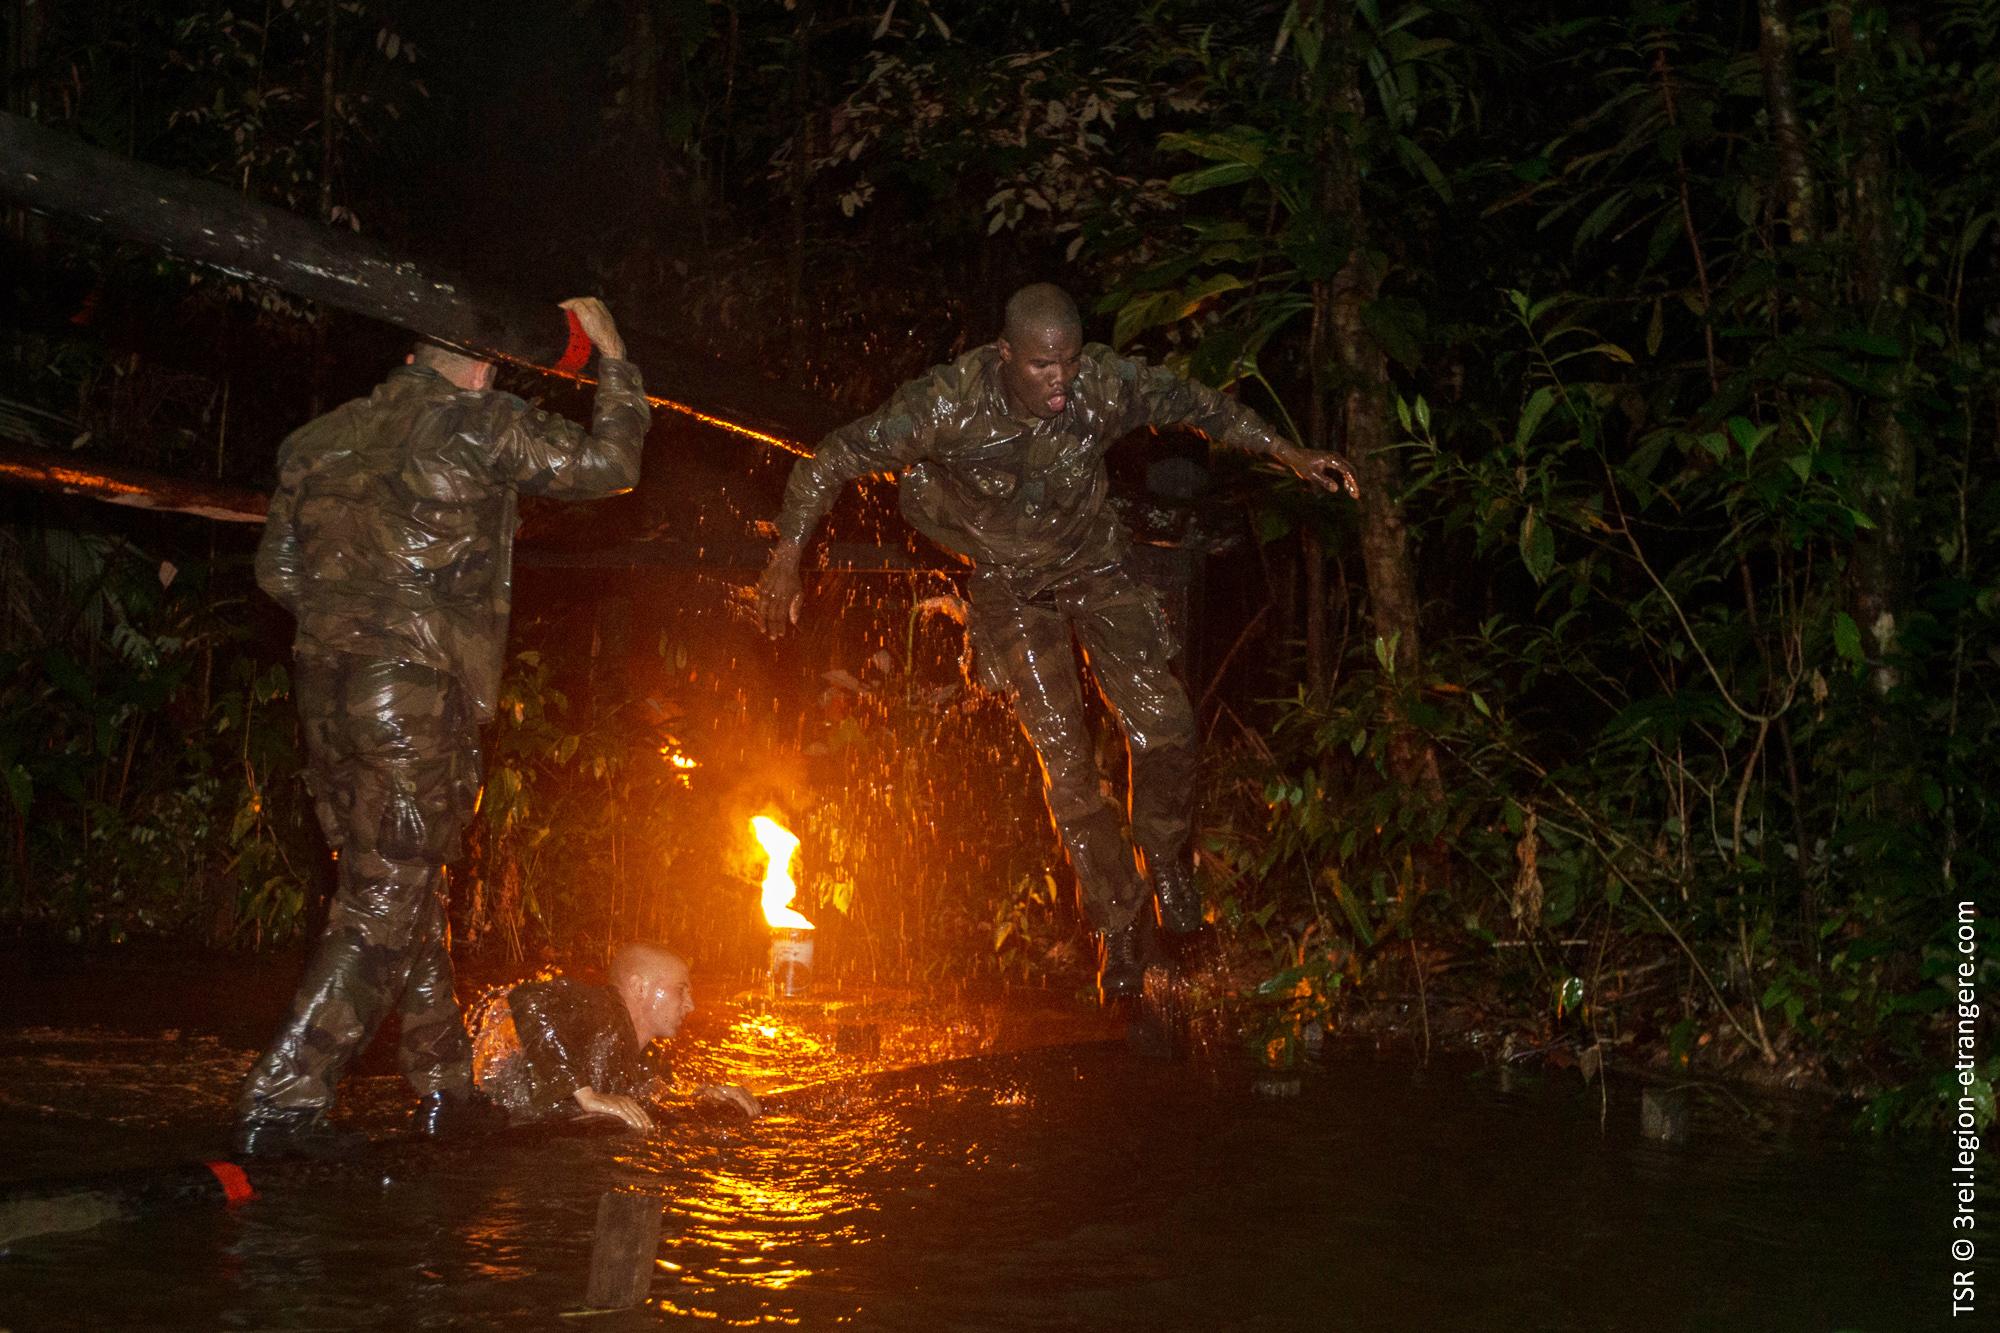 Floresta Do Mal Online with regard to deux mois à la légion : une autre vision de la forêt